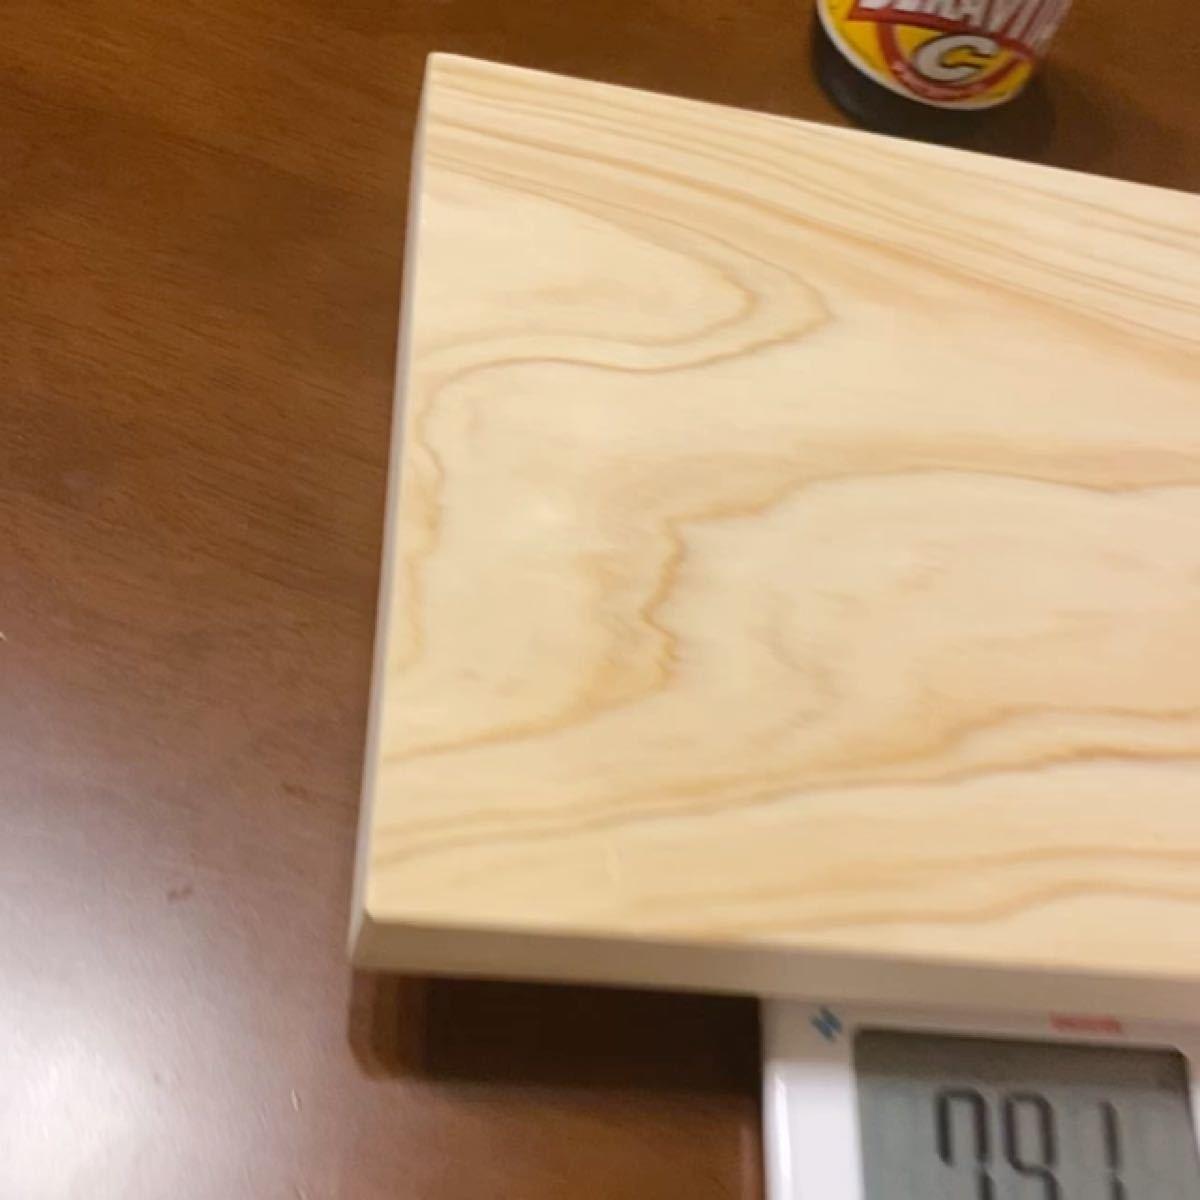 カッティングボード ひのき いい香り キャンプで使える 丈夫 木製 まな板 ディスプレイ用 DIY ソロキャン